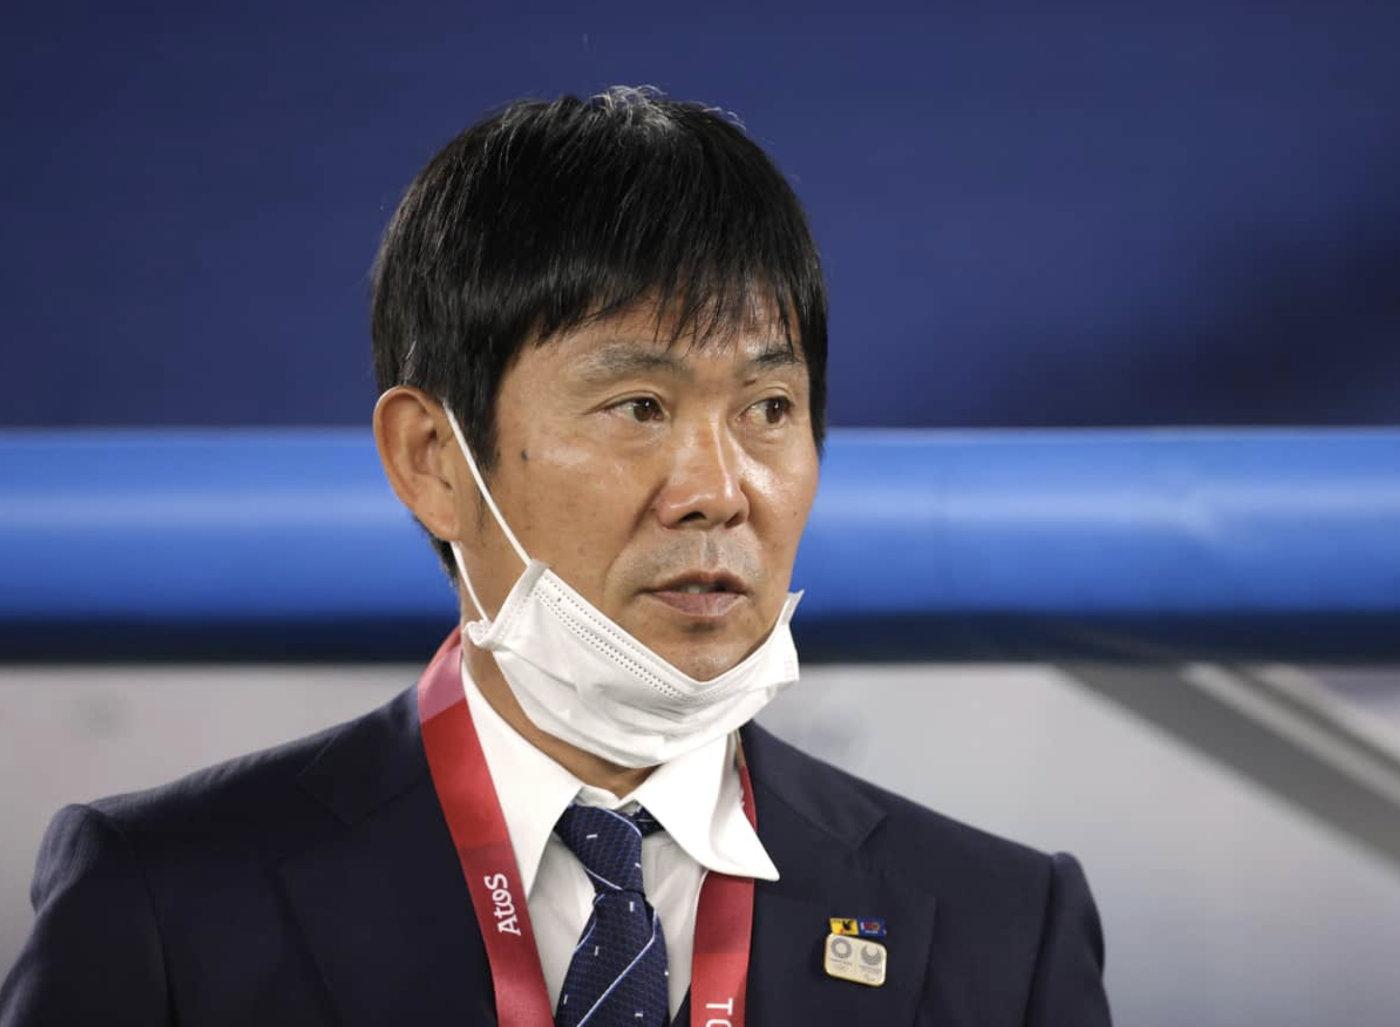 【博狗扑克】日足协知情人:森保一出战奥运有功 不会主动解雇他